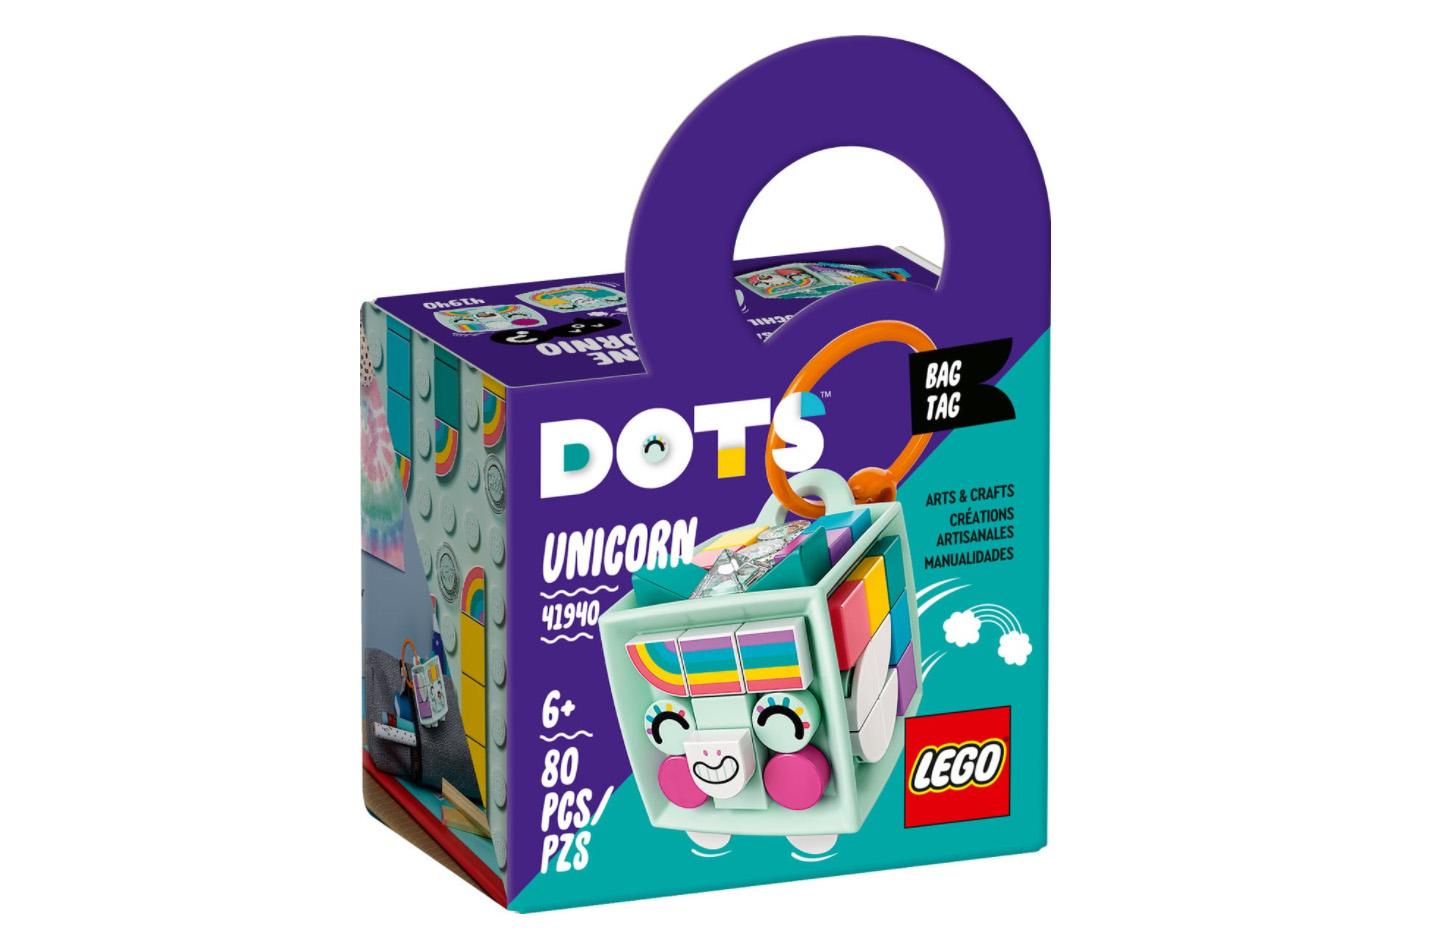 レゴ(LEGO) ドッツ アニマルチャーム<ユニコーン> 41940